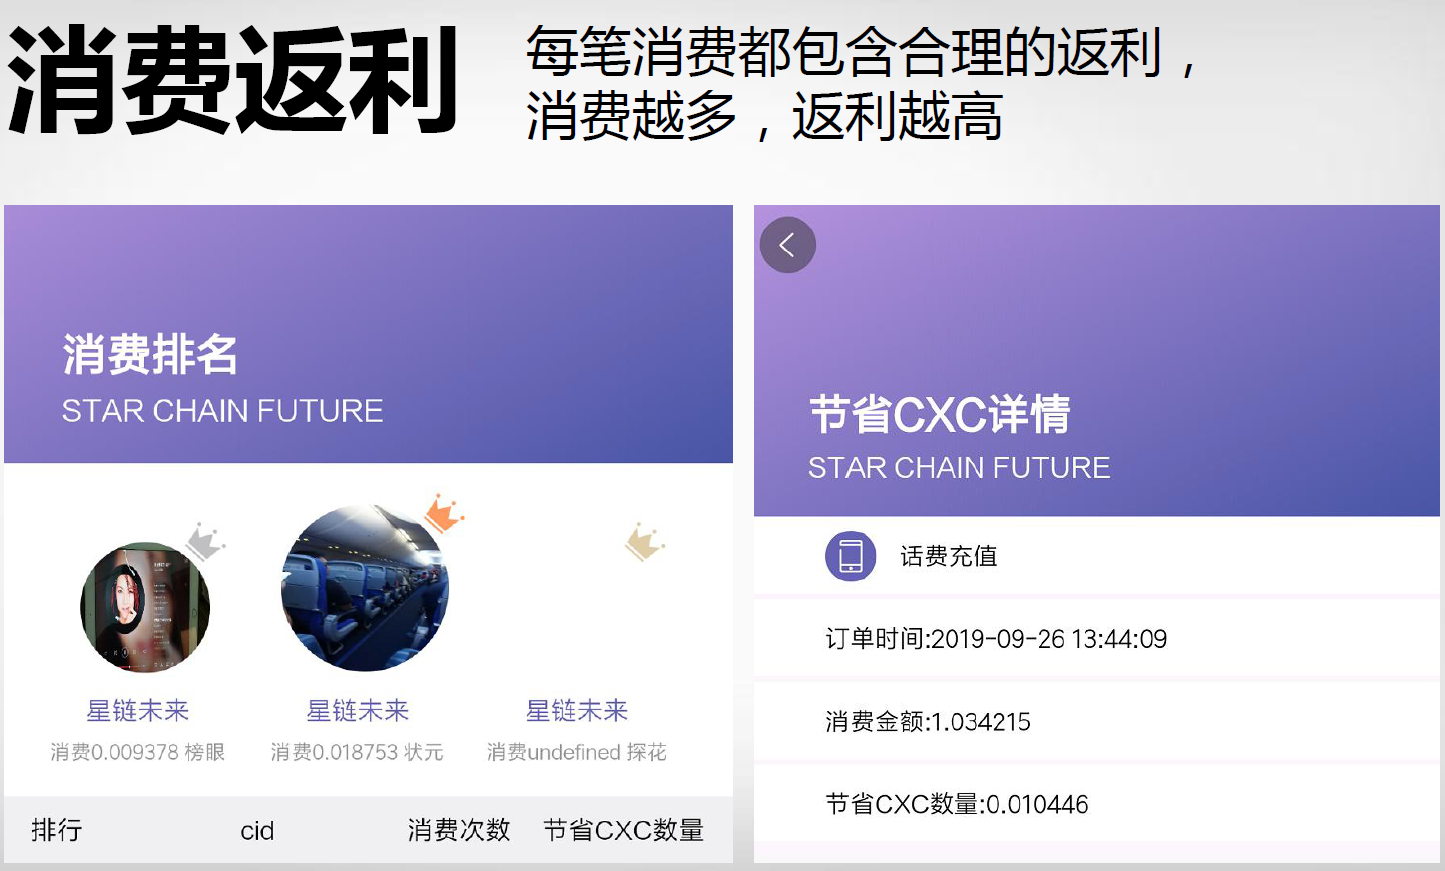 CXC公链首个第三方消费聚合平台:星链未来